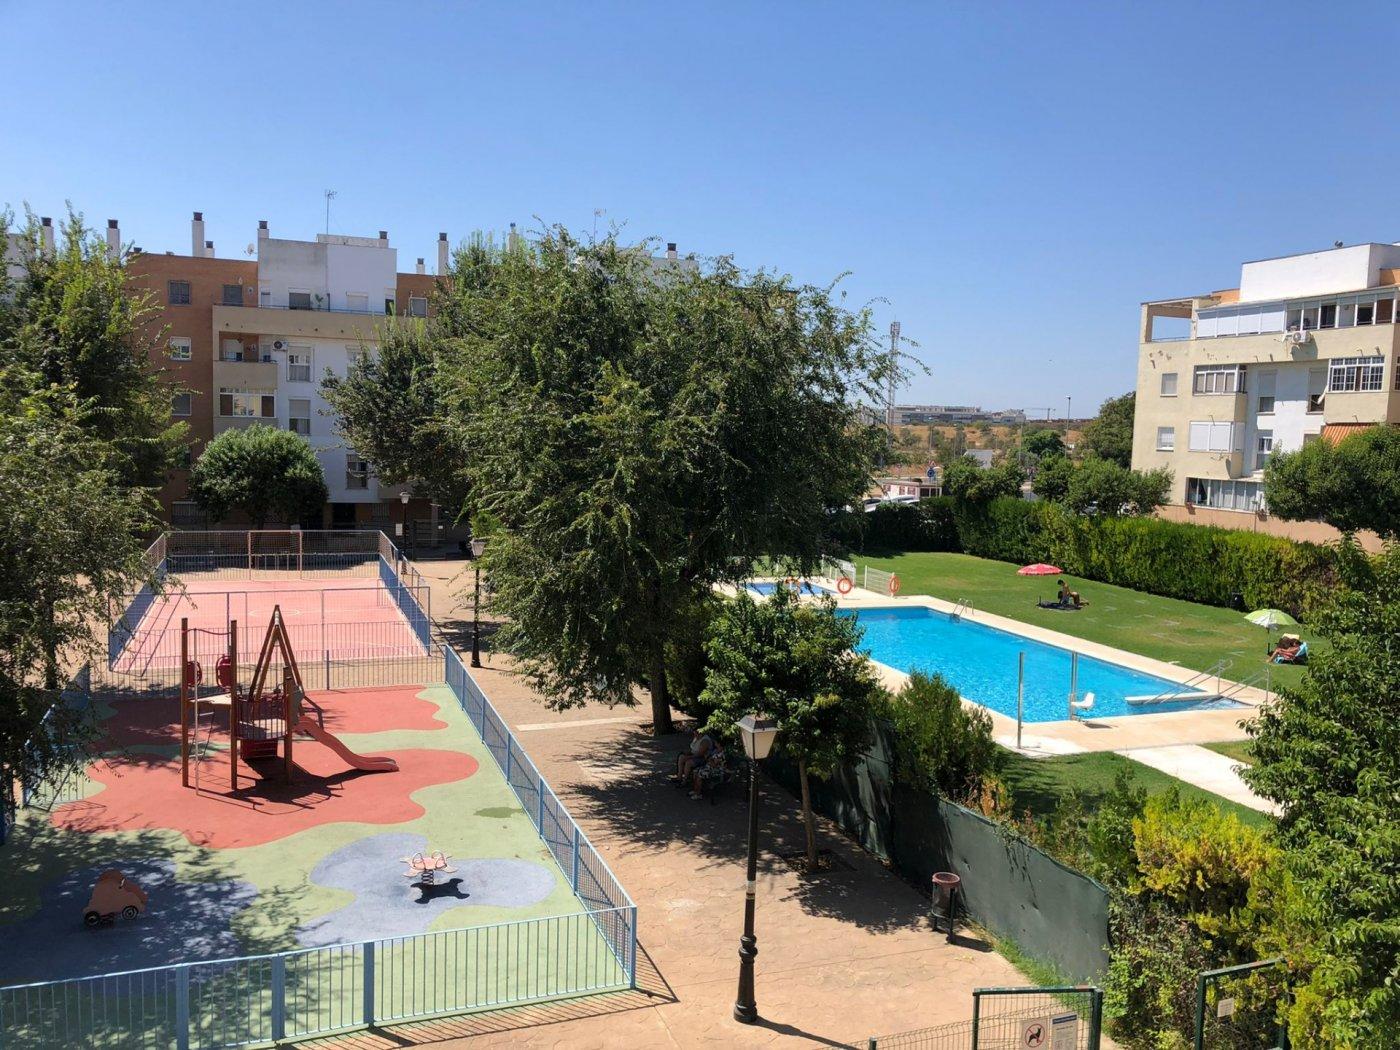 Piso de alquiler en urbanizacion con piscina en mairena del aljarafe - imagenInmueble0